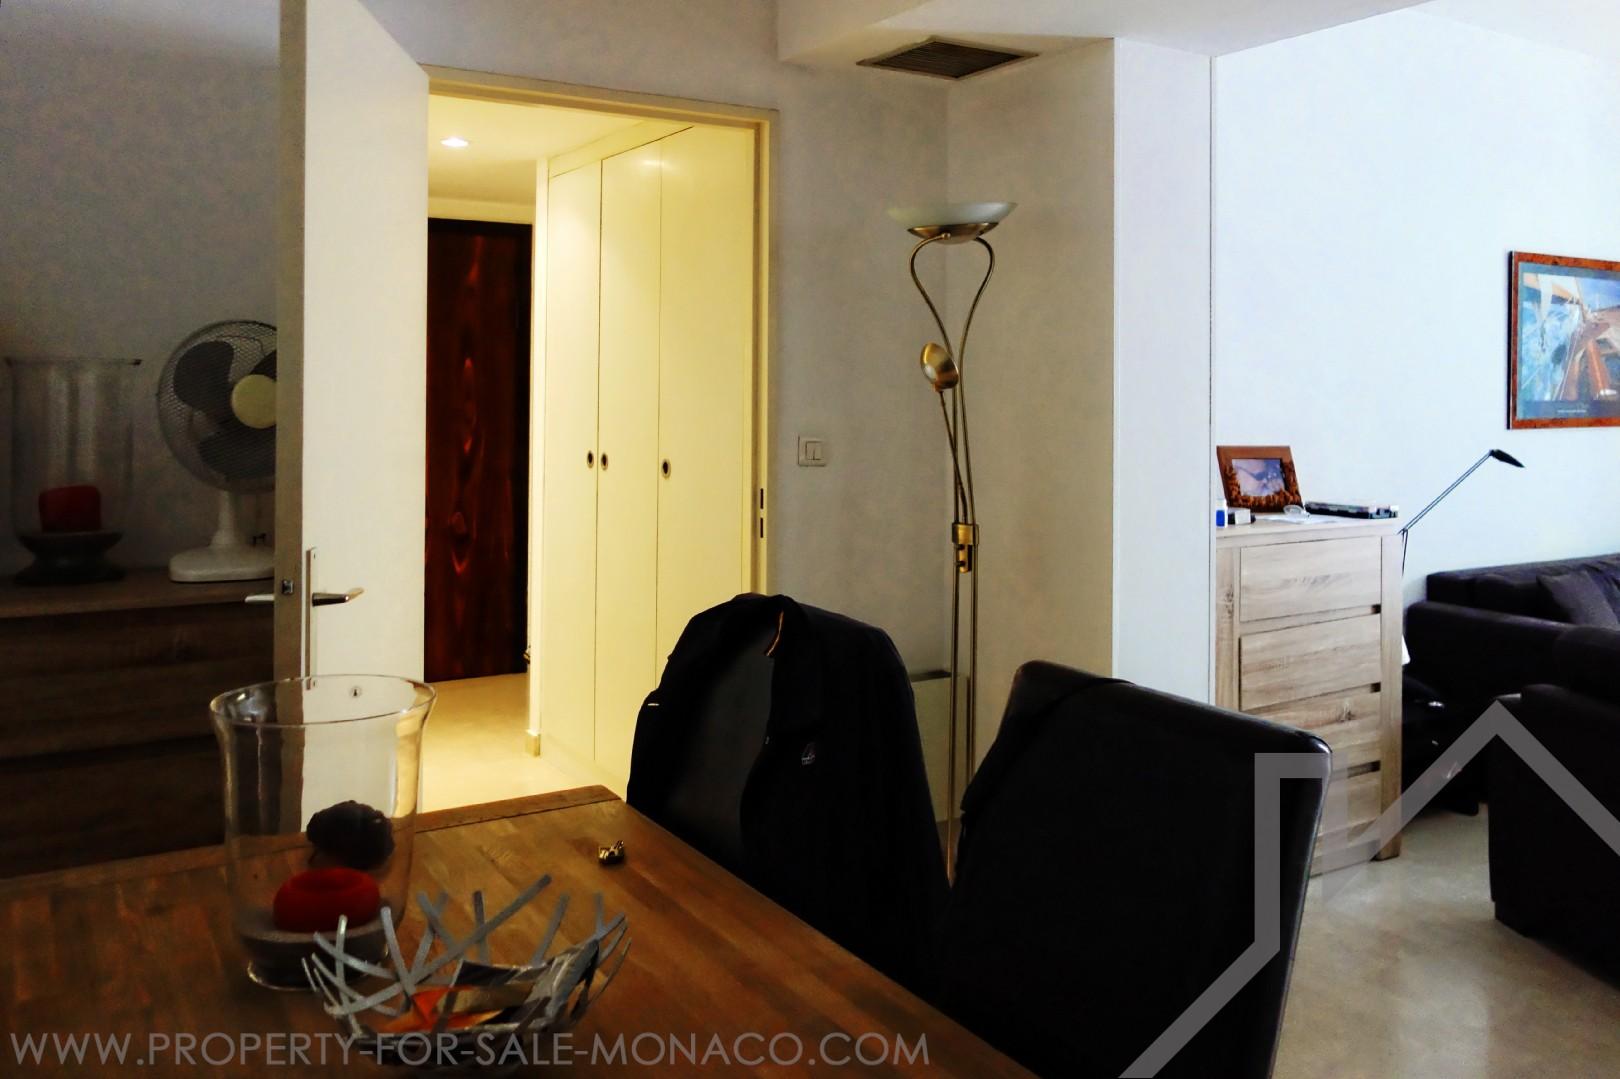 monte carlo sun studio avec parking propri t s vendre monaco. Black Bedroom Furniture Sets. Home Design Ideas